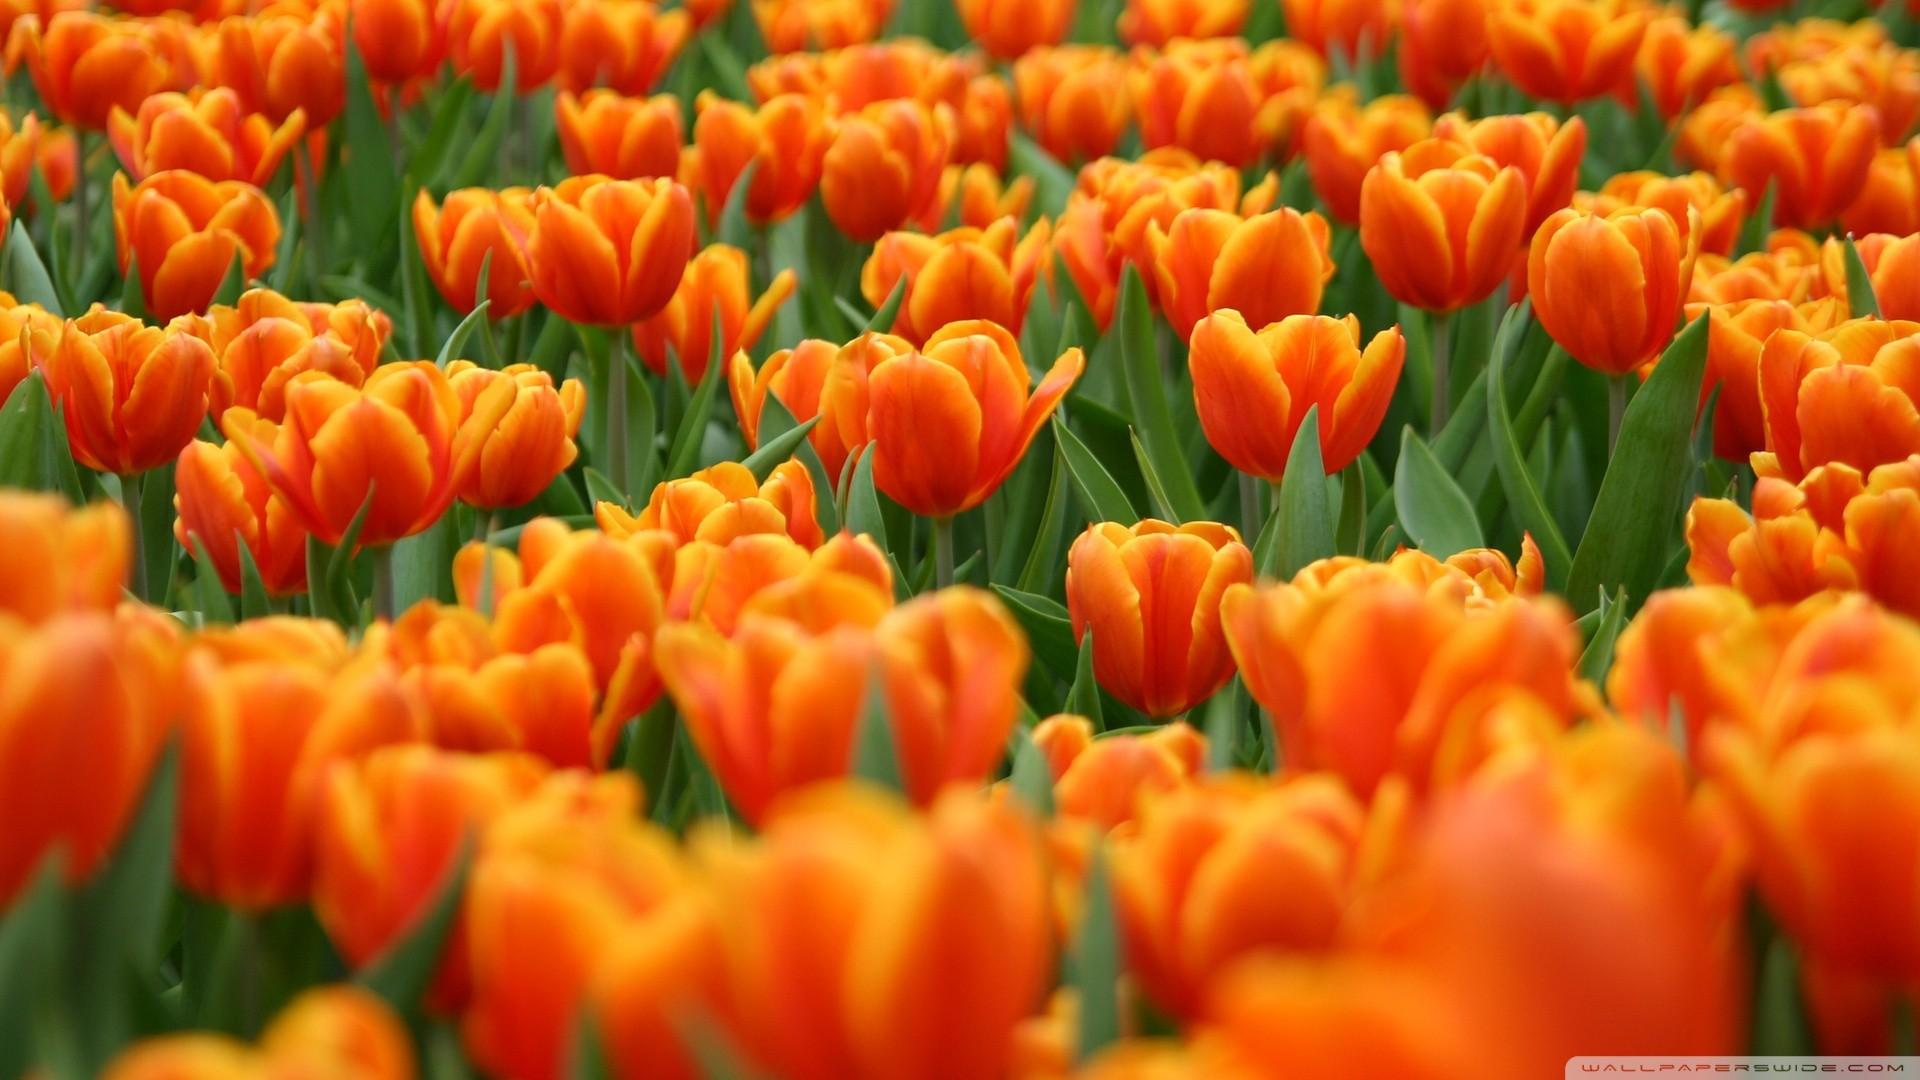 Free Download Orange Tulips Spring Flowers Wallpaper Desktop Wallpapers 4k High 1920x1080 For Your Desktop Mobile Tablet Explore 59 Flowers Images Desktop Backgrounds Background Flowers Images Flowers Wallpaper Images